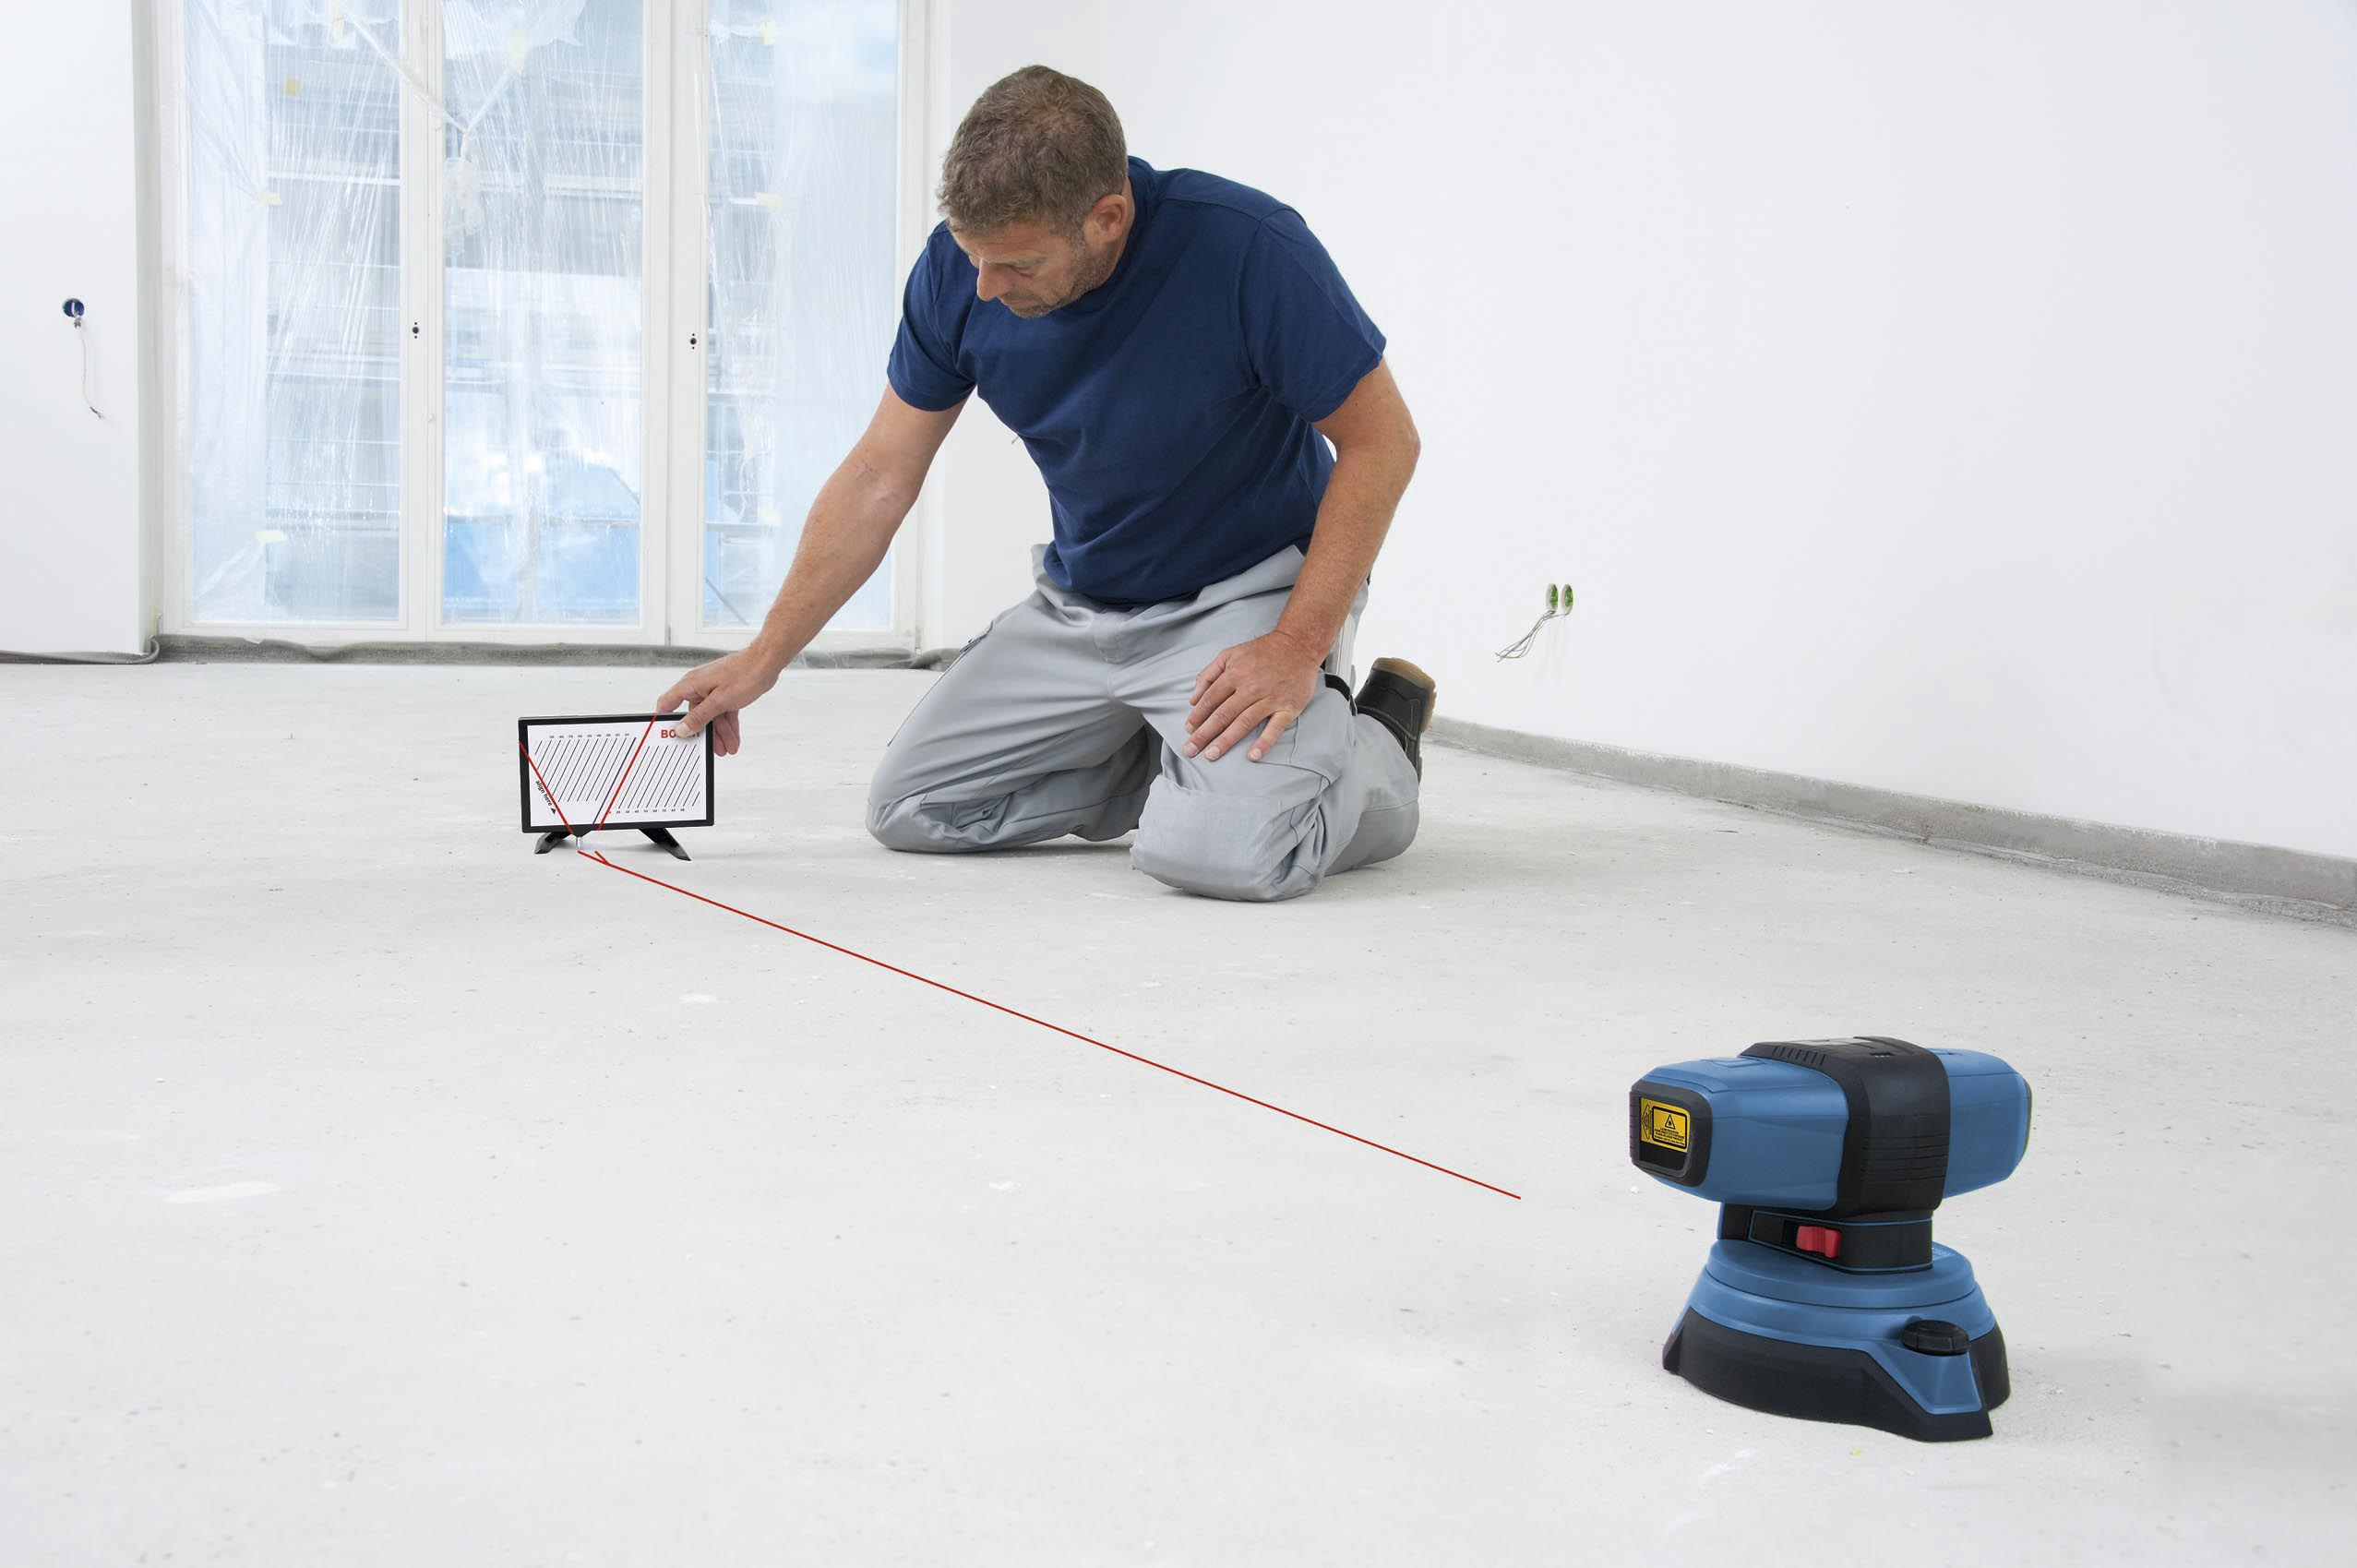 nouveau produit b timent le laser gsl 2 professional bosch le premier laser de sol qui d tecte. Black Bedroom Furniture Sets. Home Design Ideas